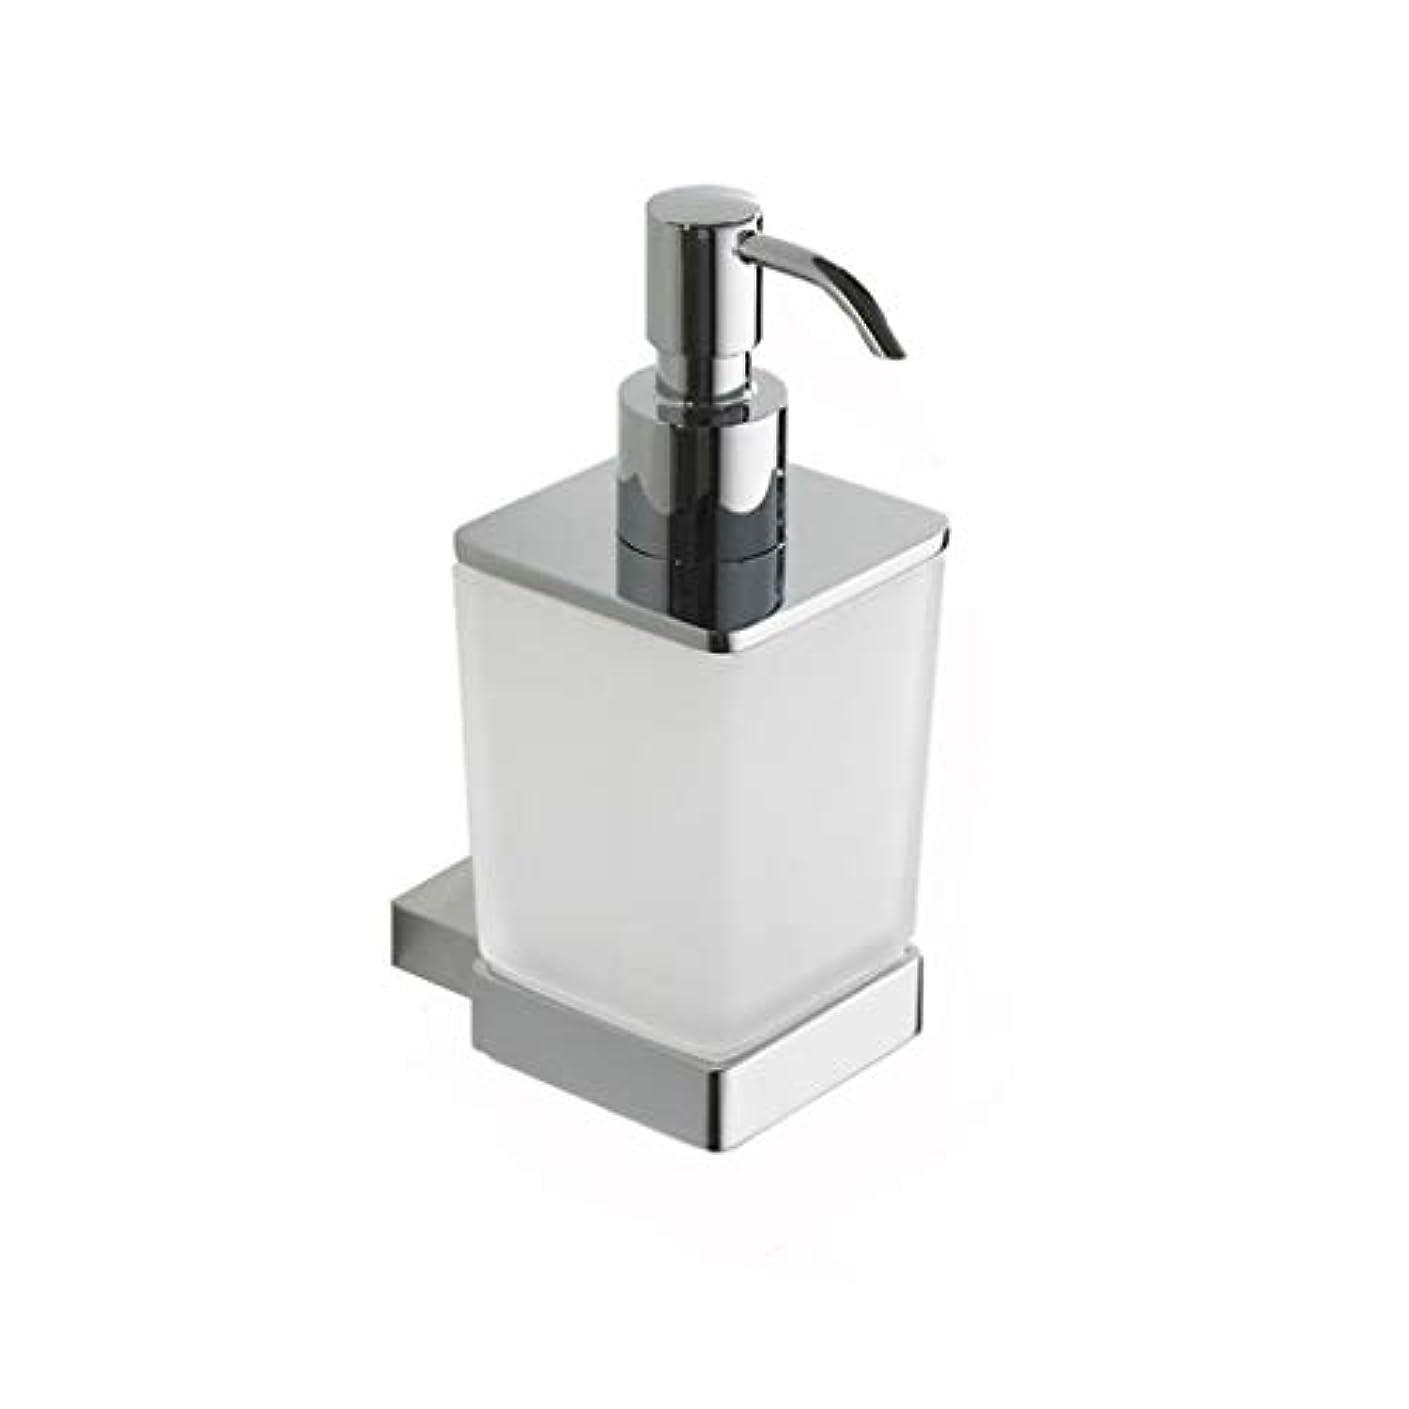 注入床ユーモラスKylinssh 、浴室のための金属の詰め替え式液体手の石鹸ディスペンサーポンプボトル - 安い、ディスカウント価格また手の消毒剤及び精油のために使用することができます